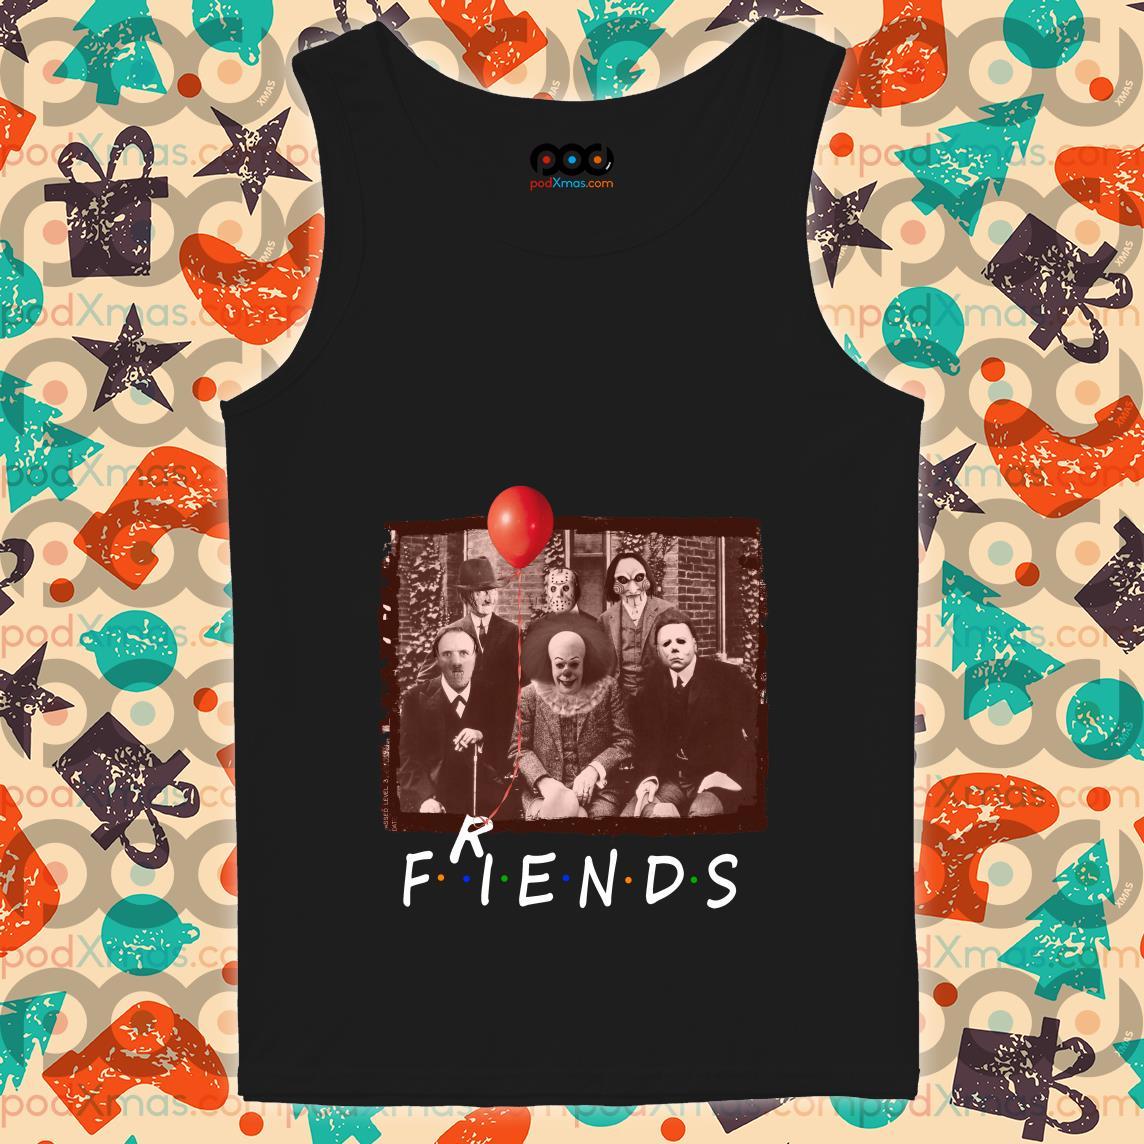 Friends Horror Halloween team tank top